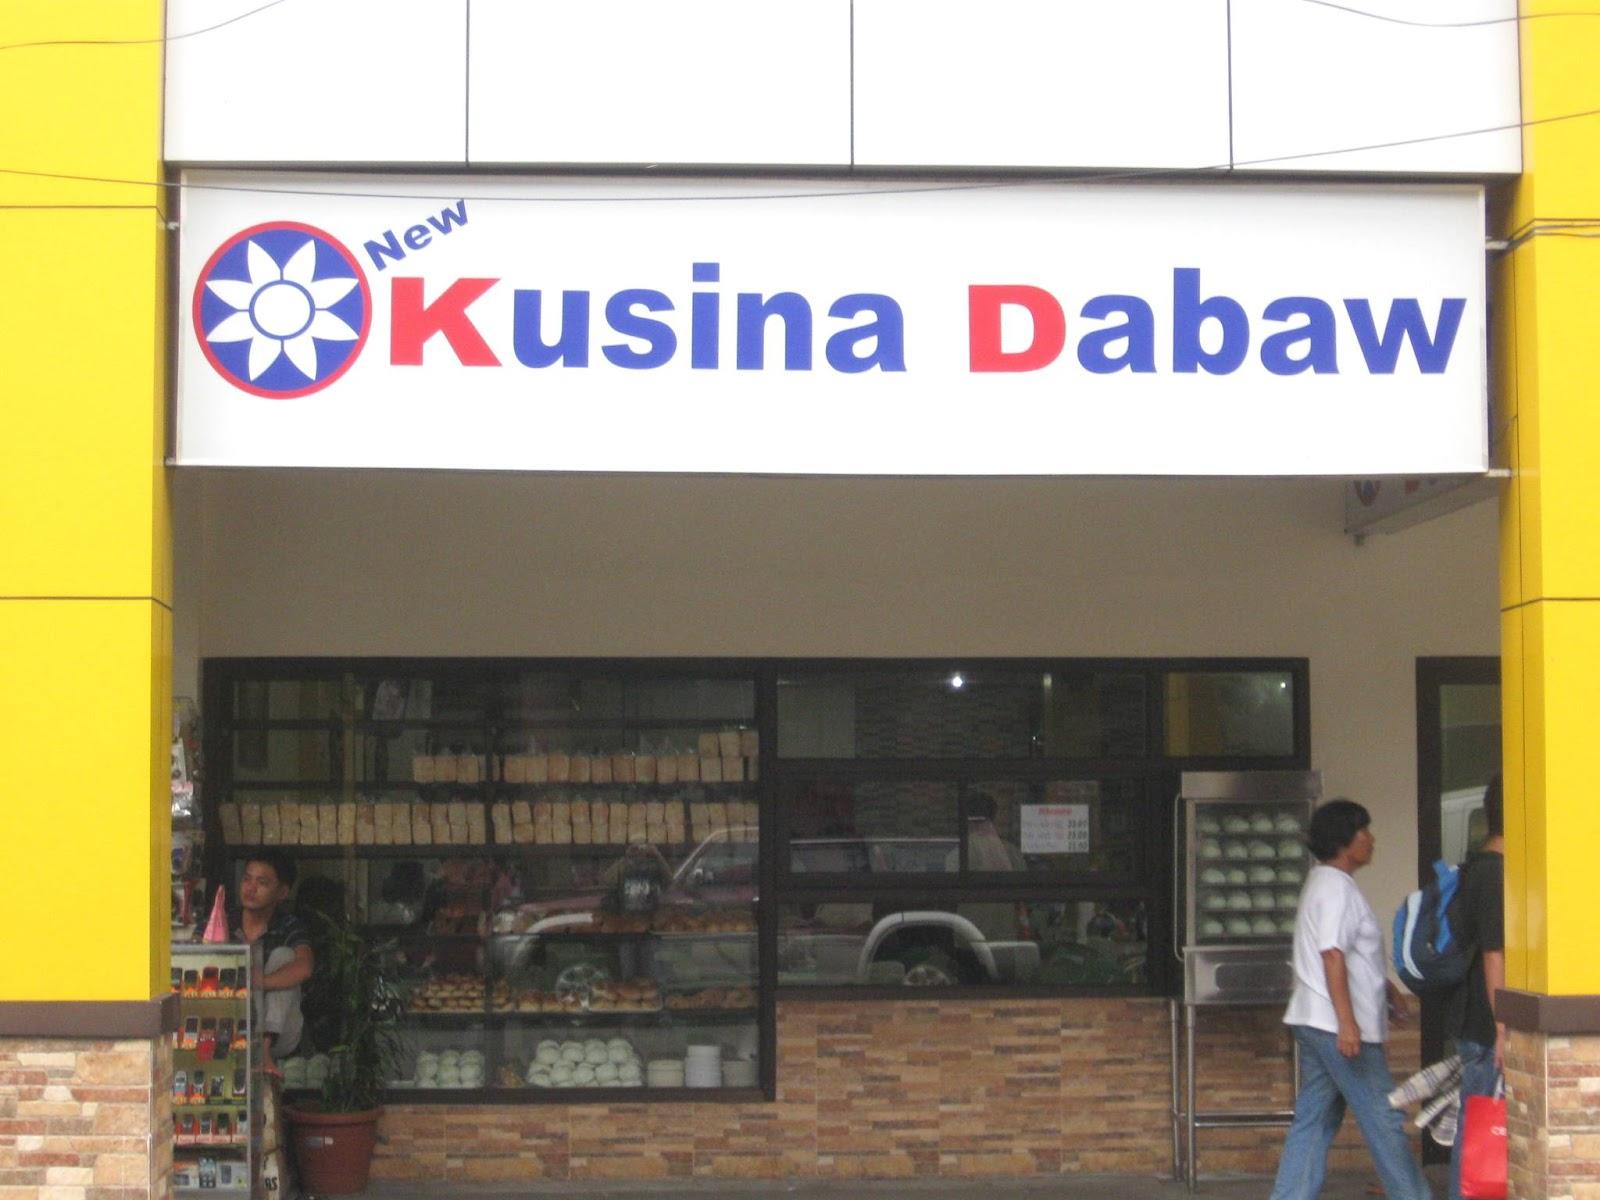 KUSINA DABAW